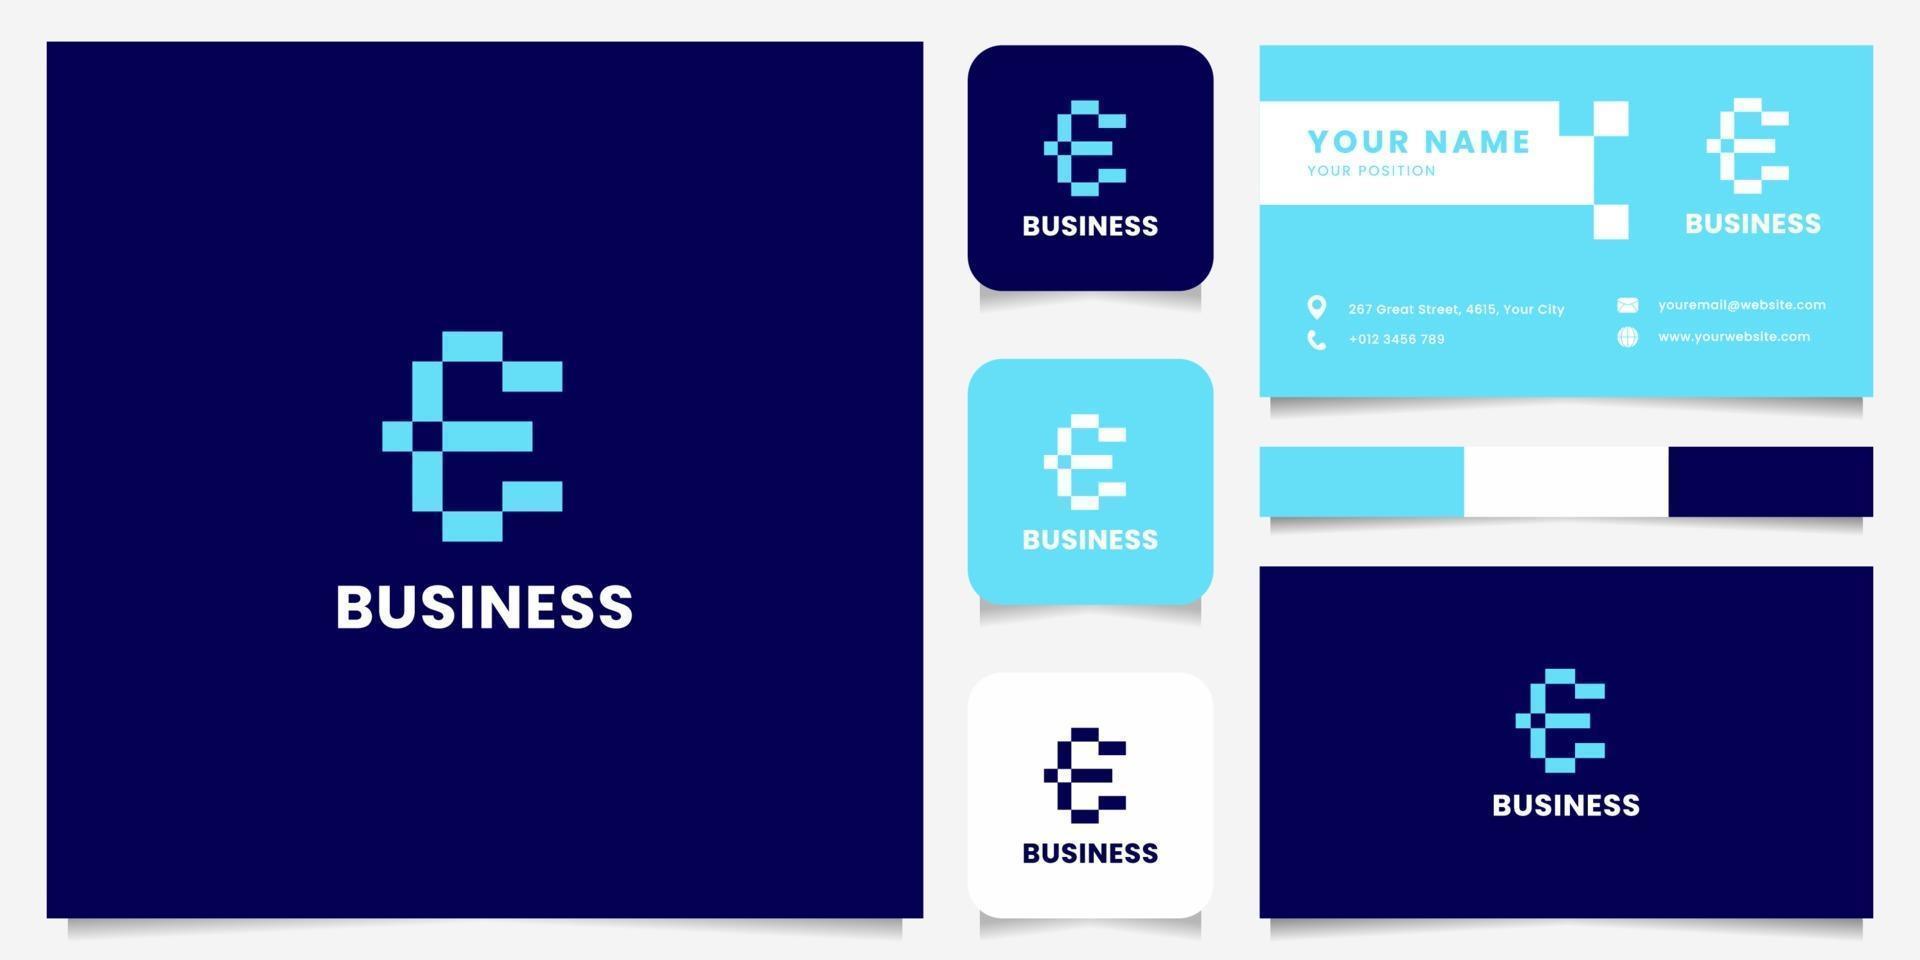 eenvoudig en minimalistisch blauw pixel letter e-logo met sjabloon voor visitekaartjes vector